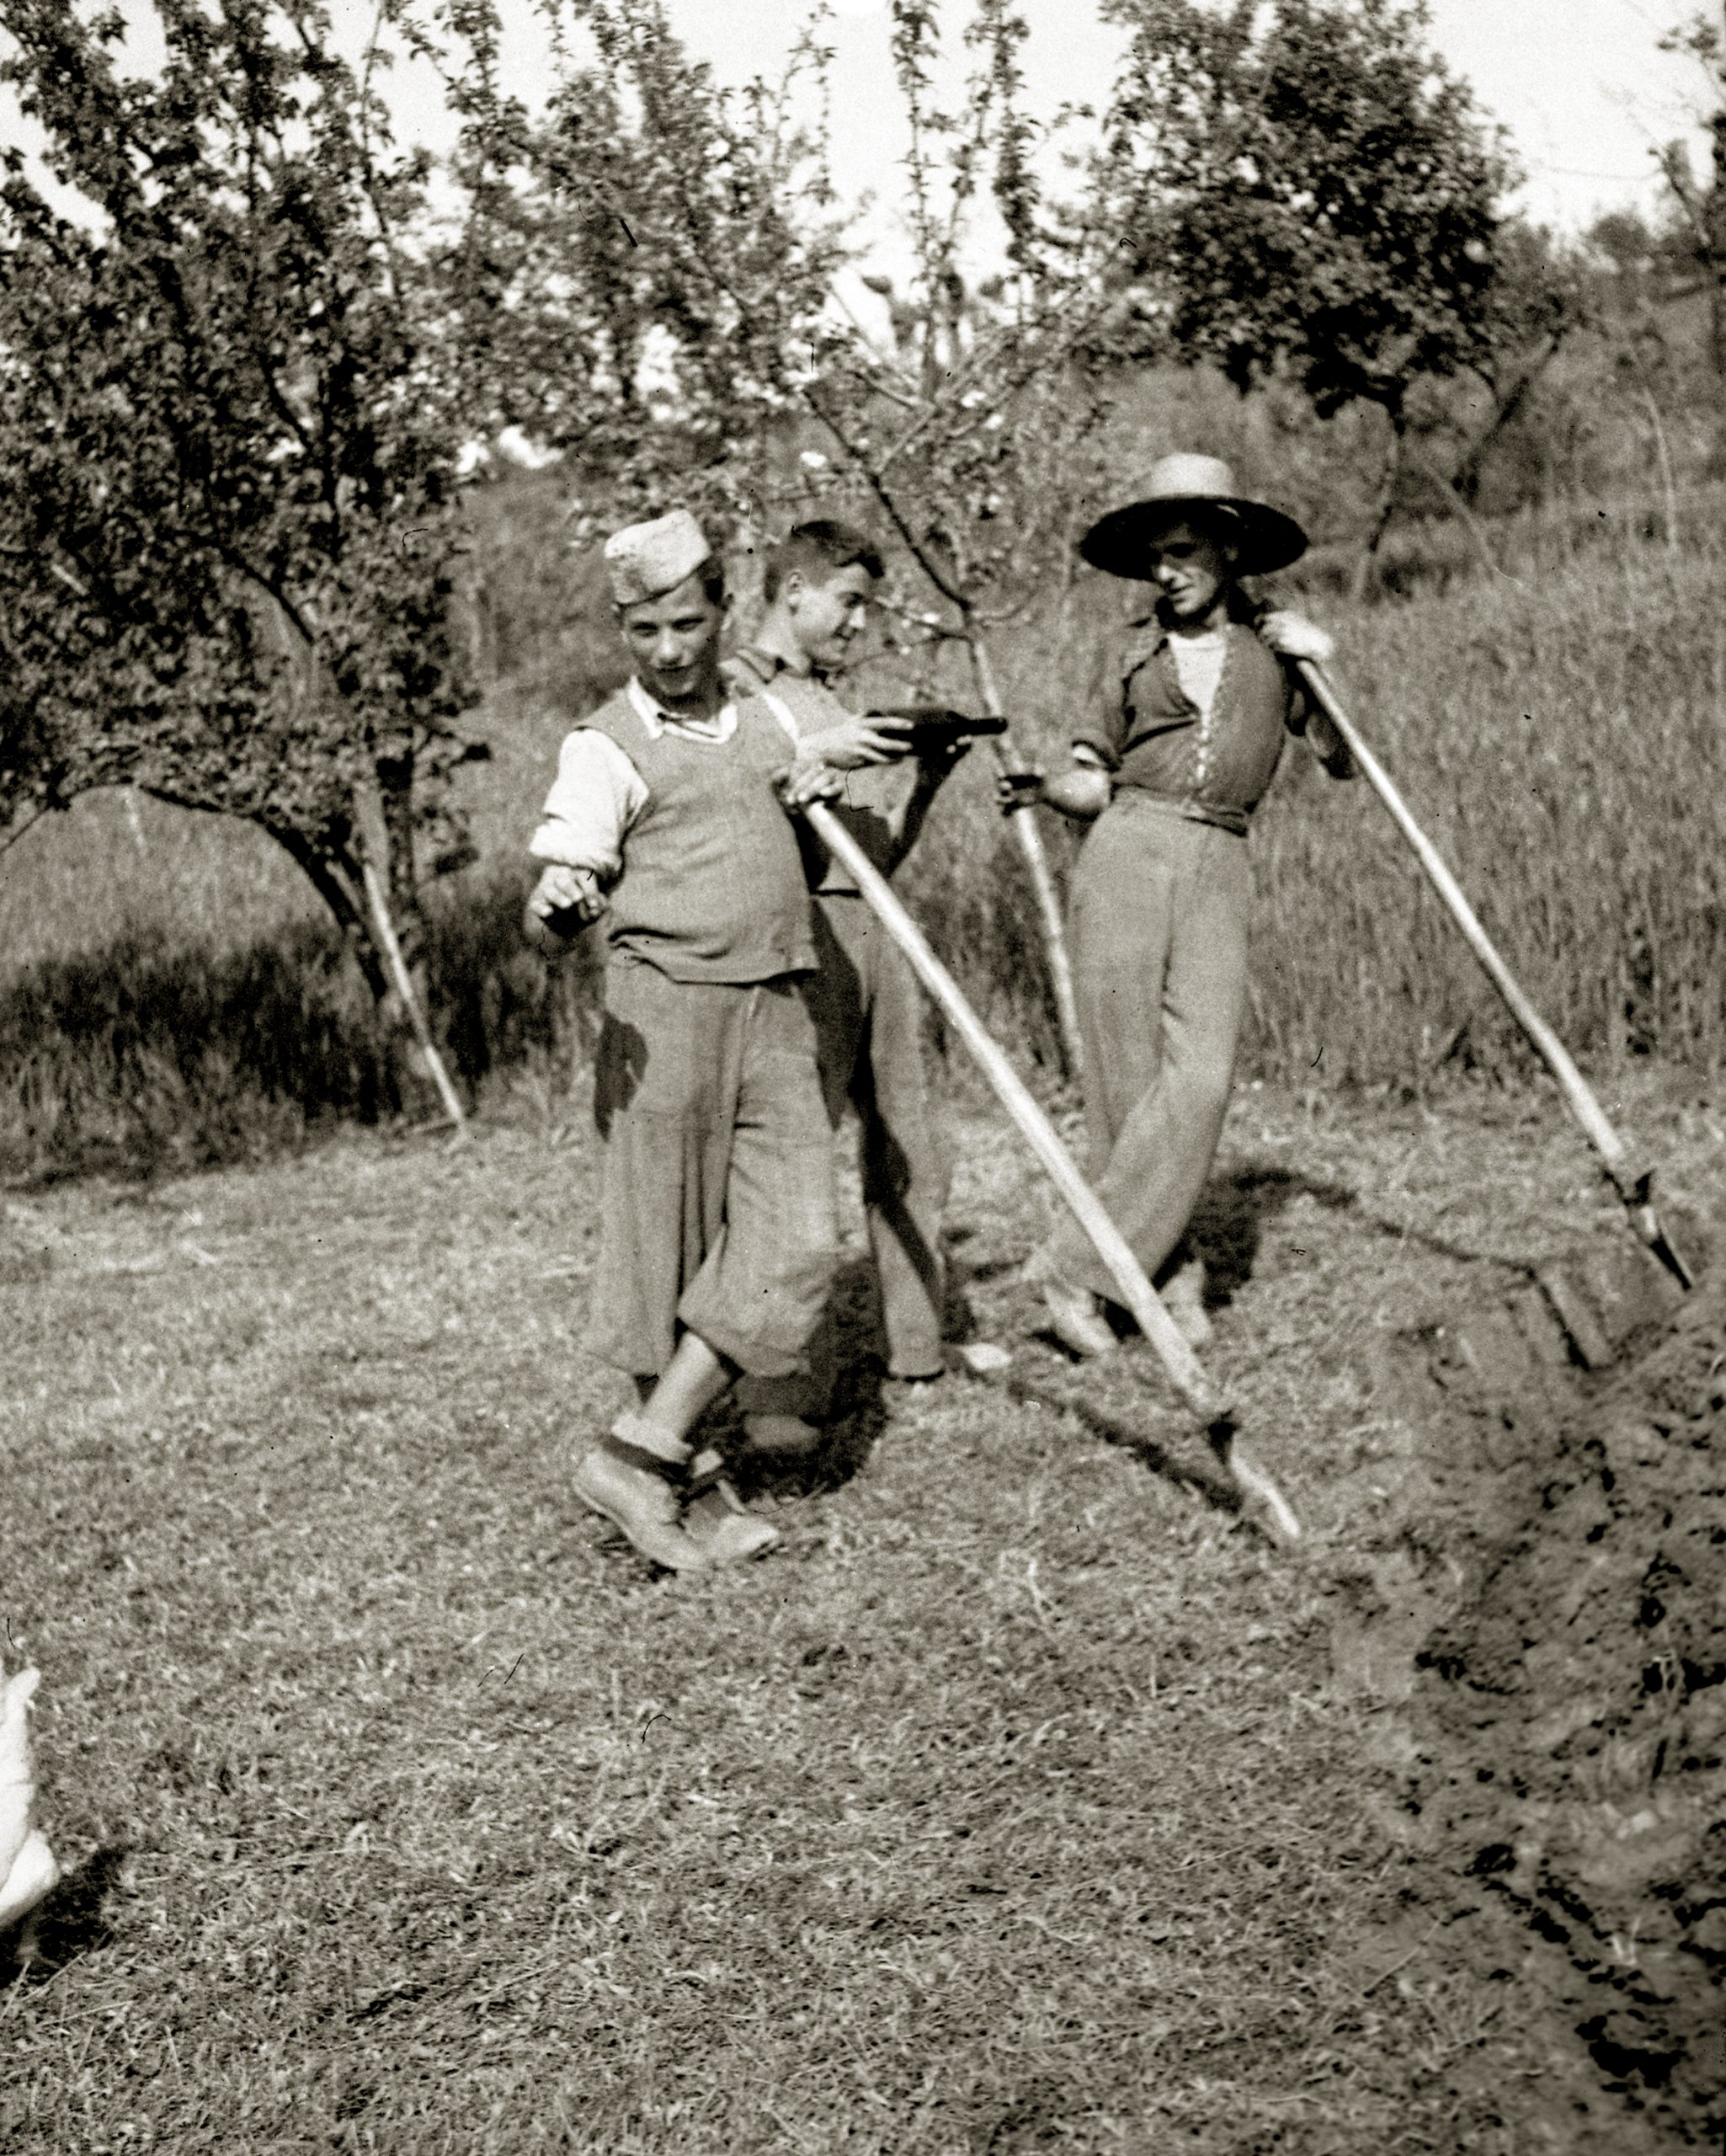 Contadini a Castelvetro di Modena (anni 1930-1940). Foto tratta dall'archivio fotografico di Giuseppe Simonini, conservato in digitale presso il Gruppo di documentazione vignolese Mezaluna - Mario Menabue.